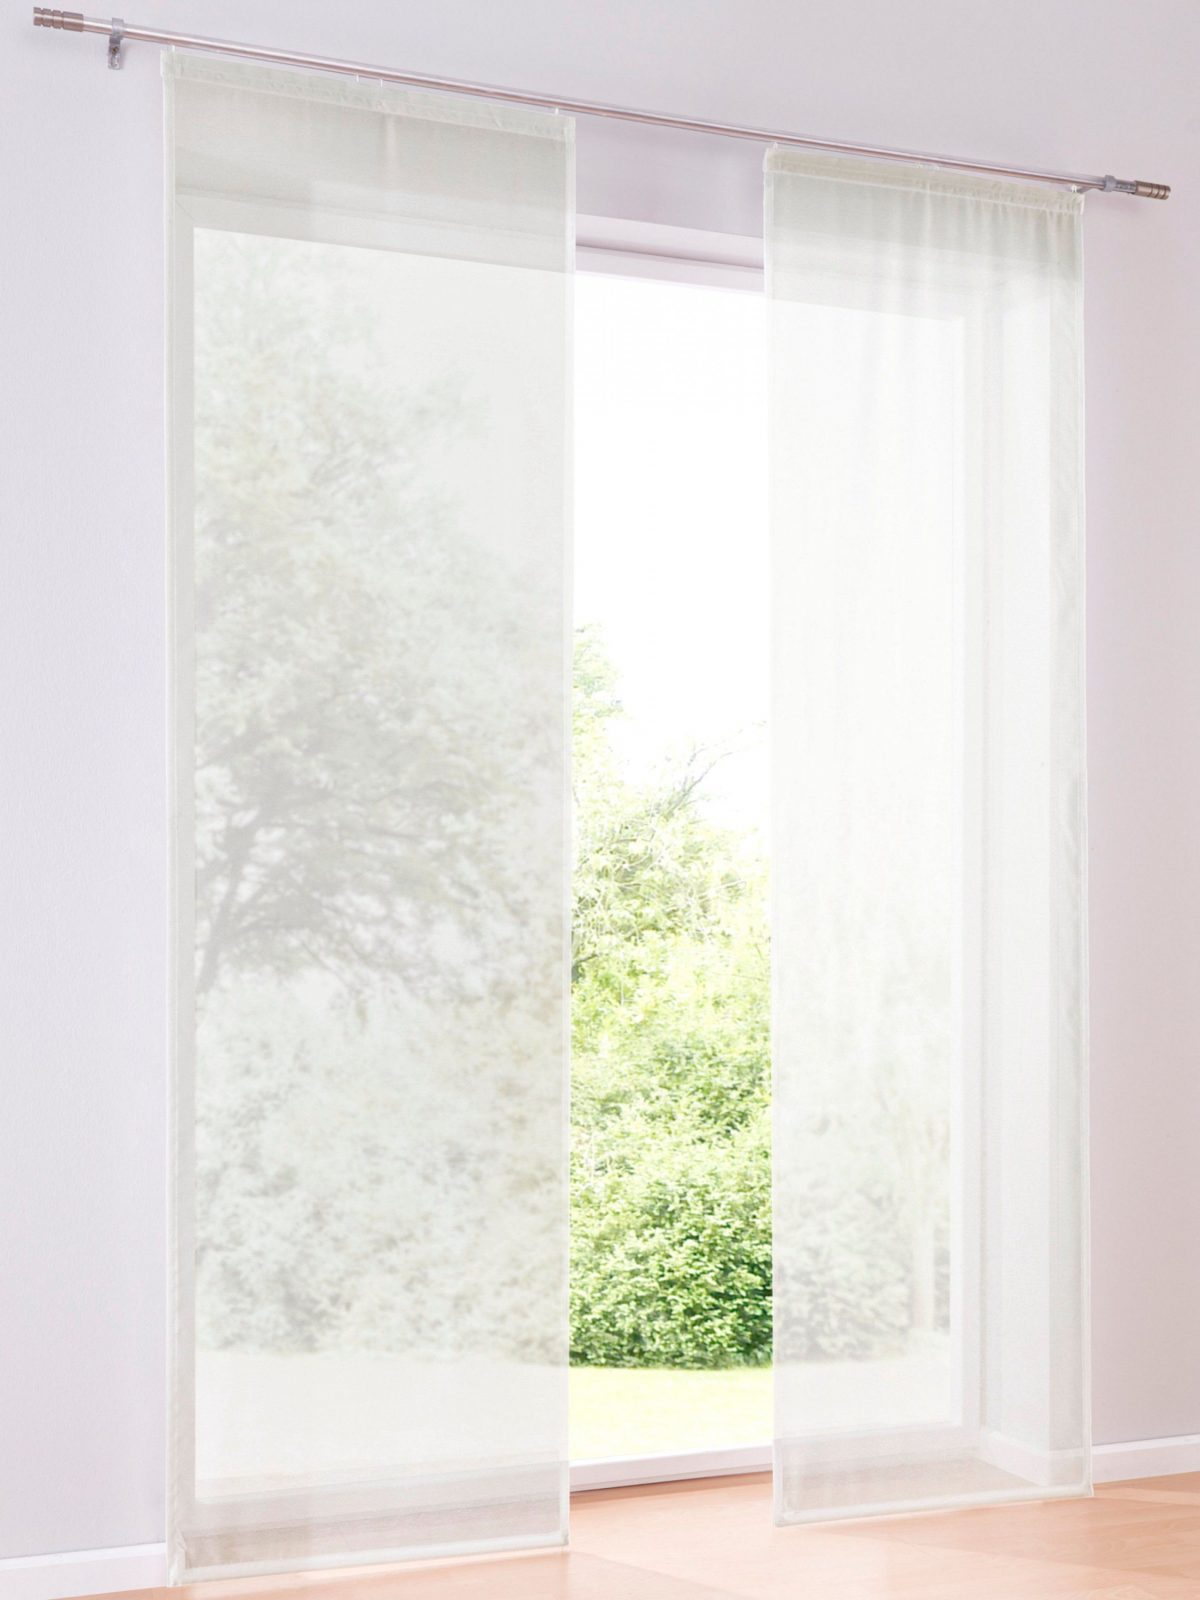 Ado Gardinen Werksverkauf Mit Die Perfekten Stoffe Für Ihr Zuhause von Ado Gardinen Werksverkauf Bild